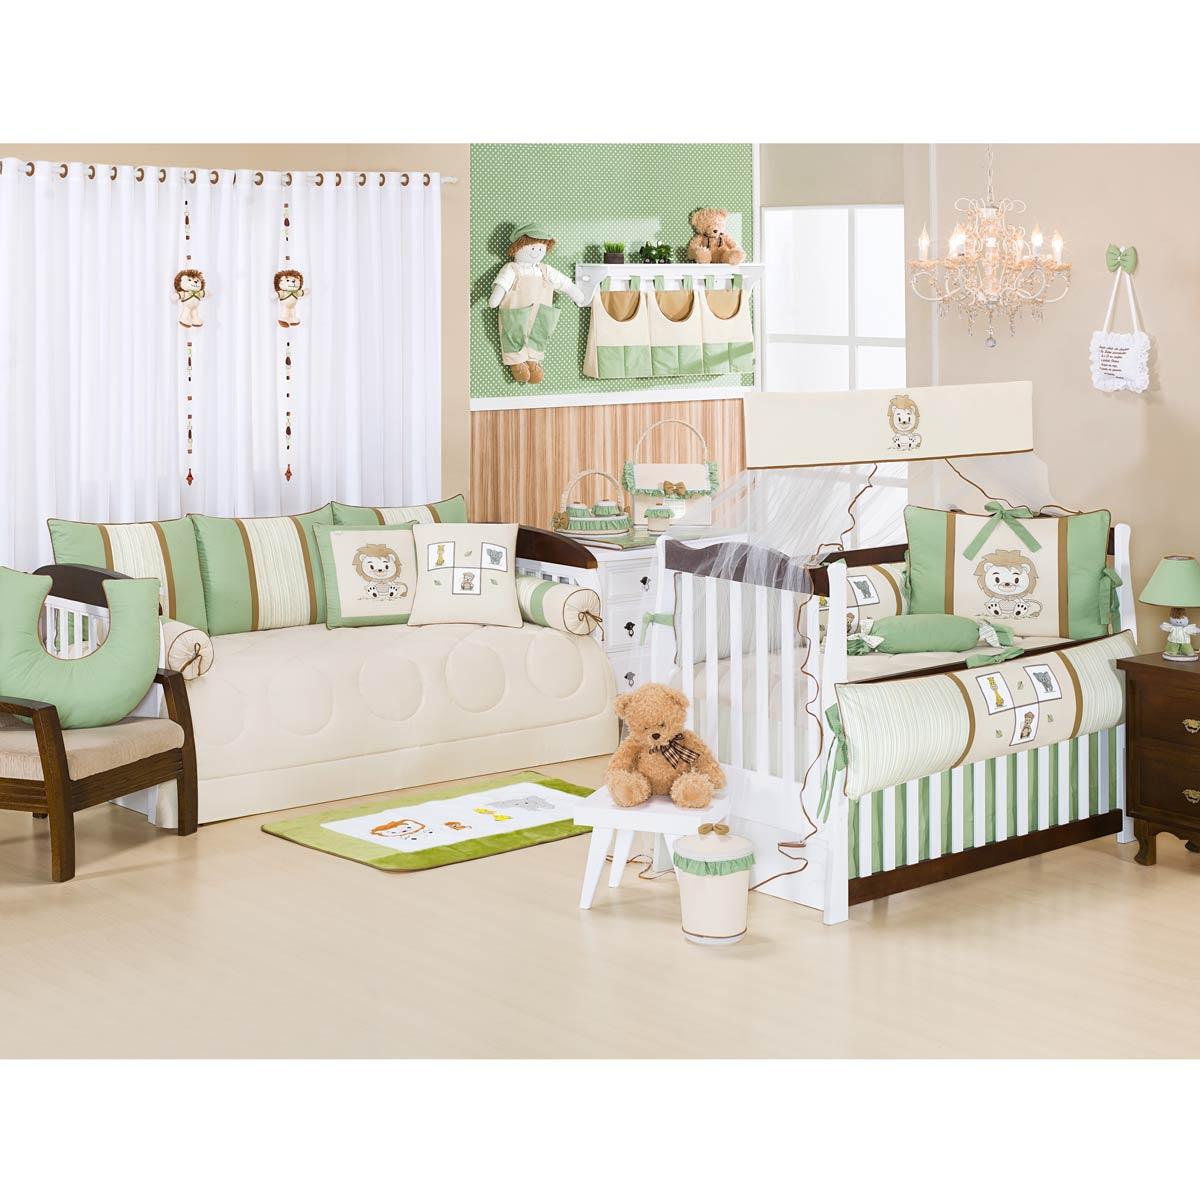 Cortina p/ Quarto de Bebê 2 Metros - Coleção Leãozinho Baby